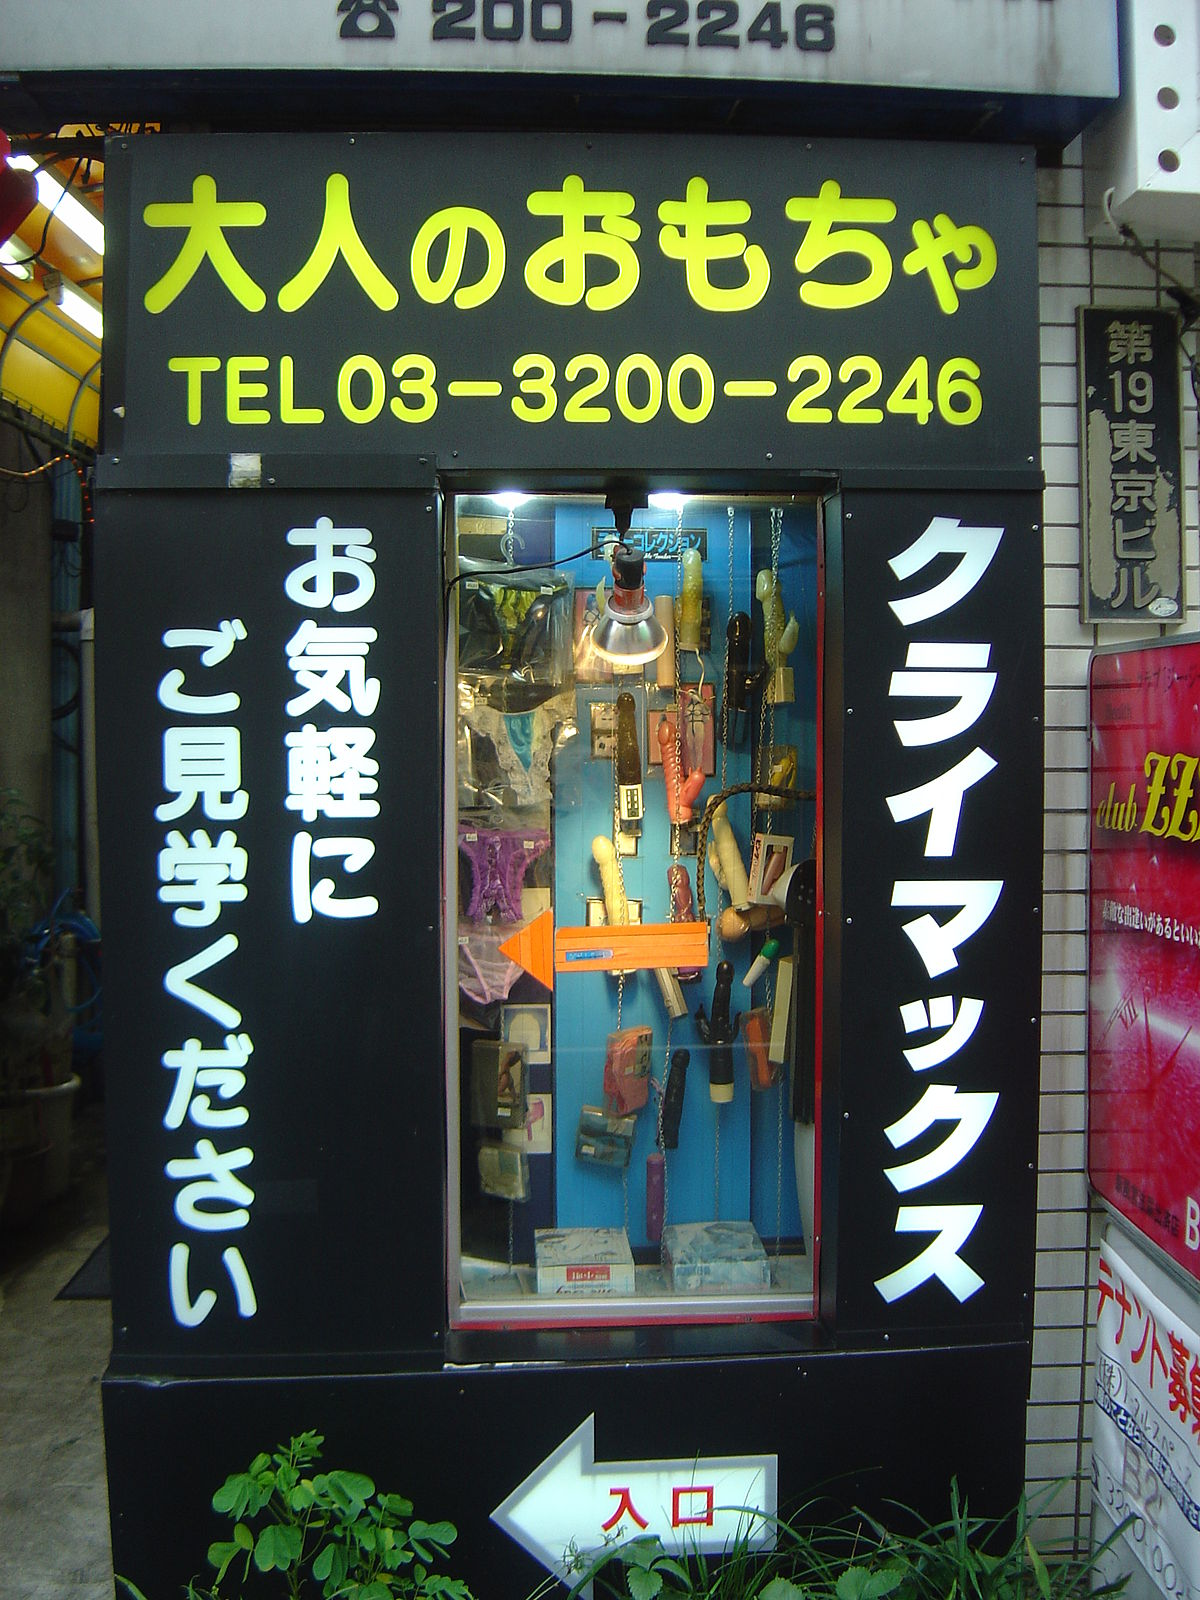 naista panettaa tampere sex shop